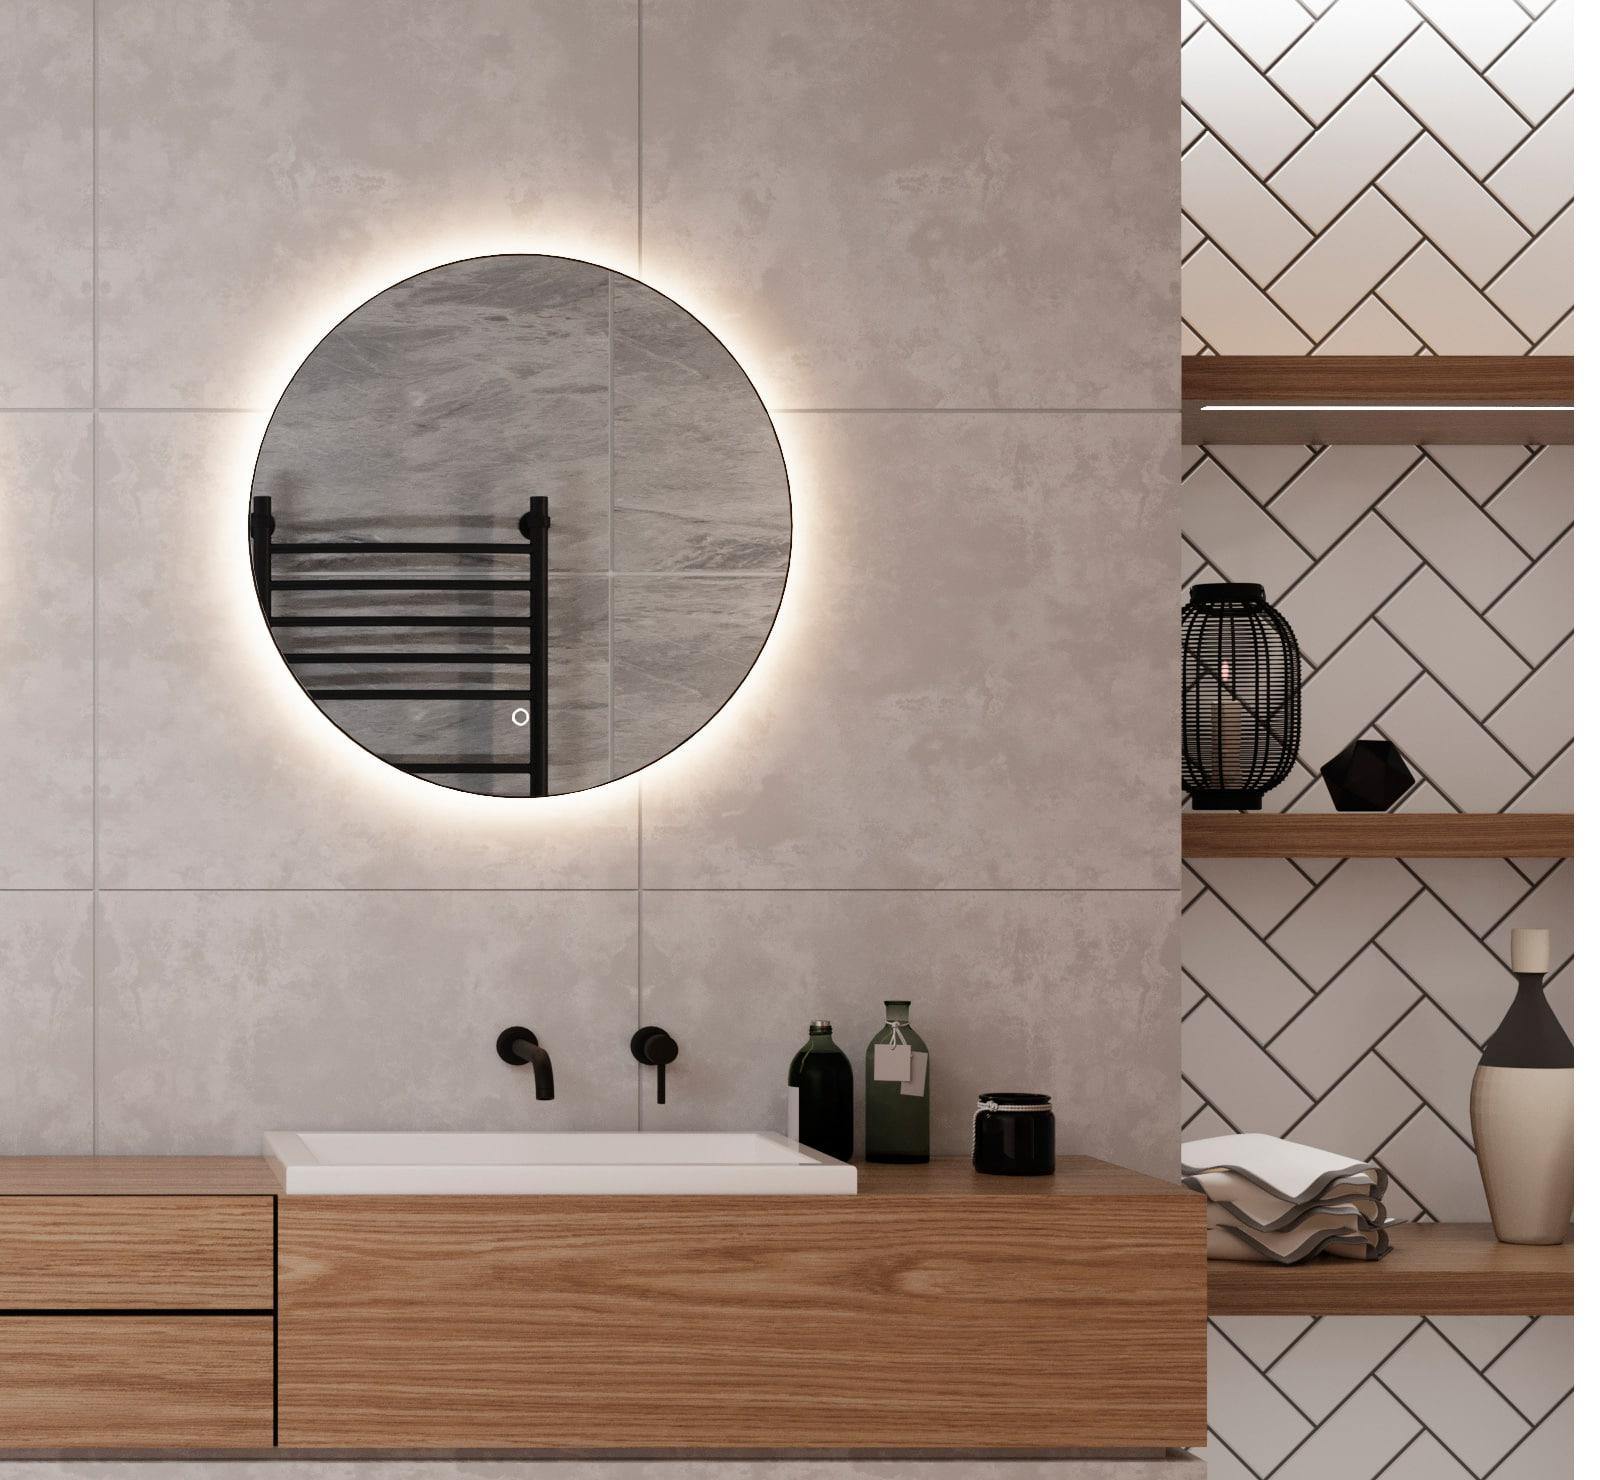 kleine ronde badkamer spiegel met led verlichting